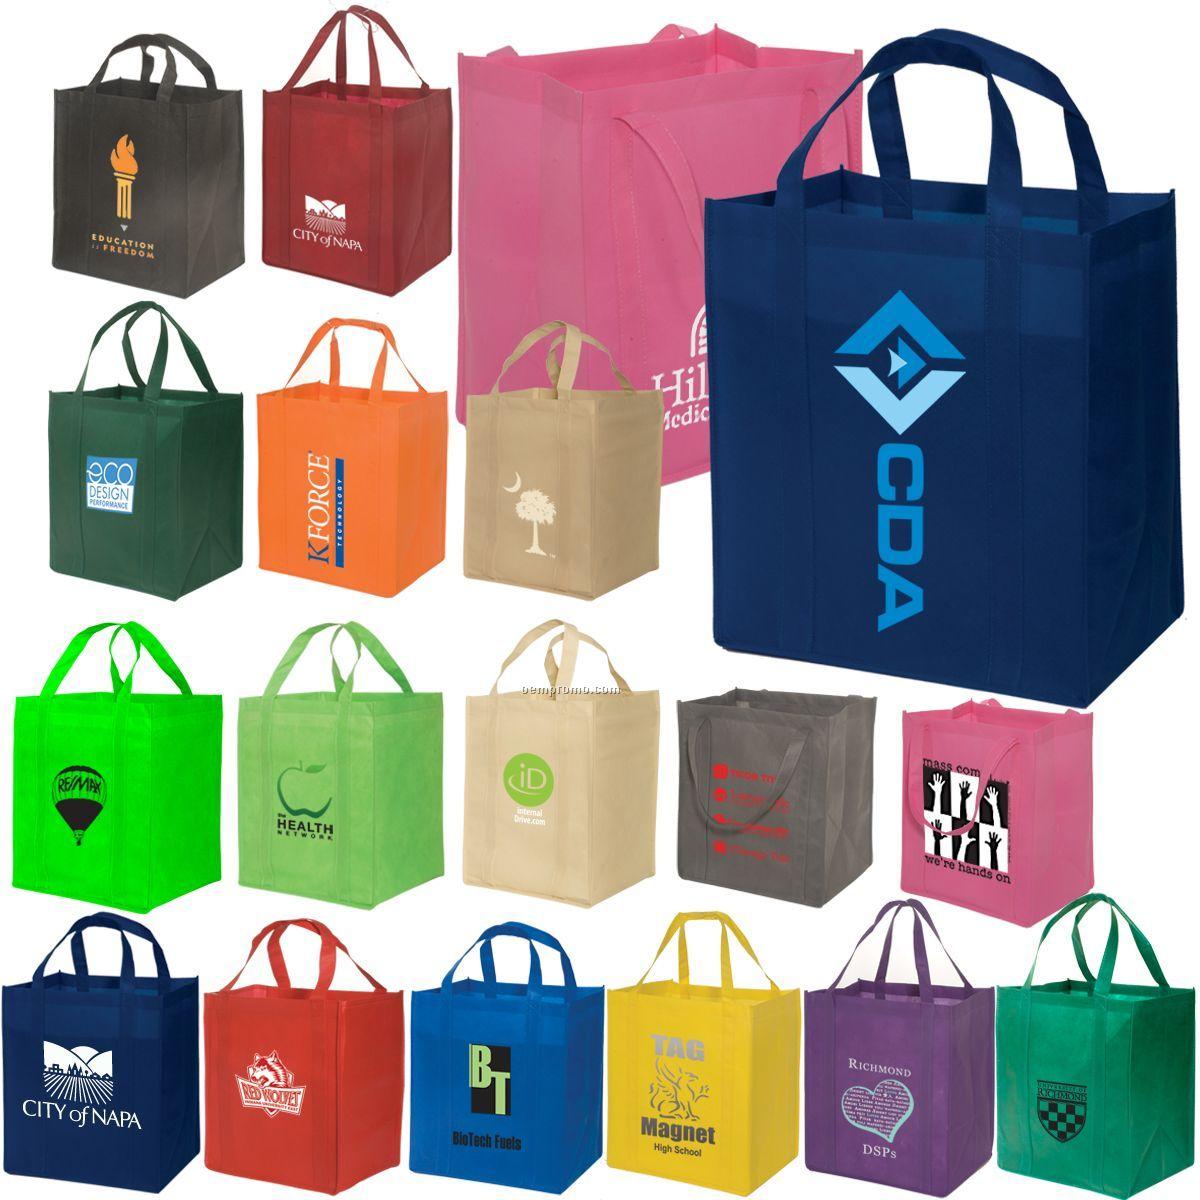 Enviro-shopper 100 Gsm Bag